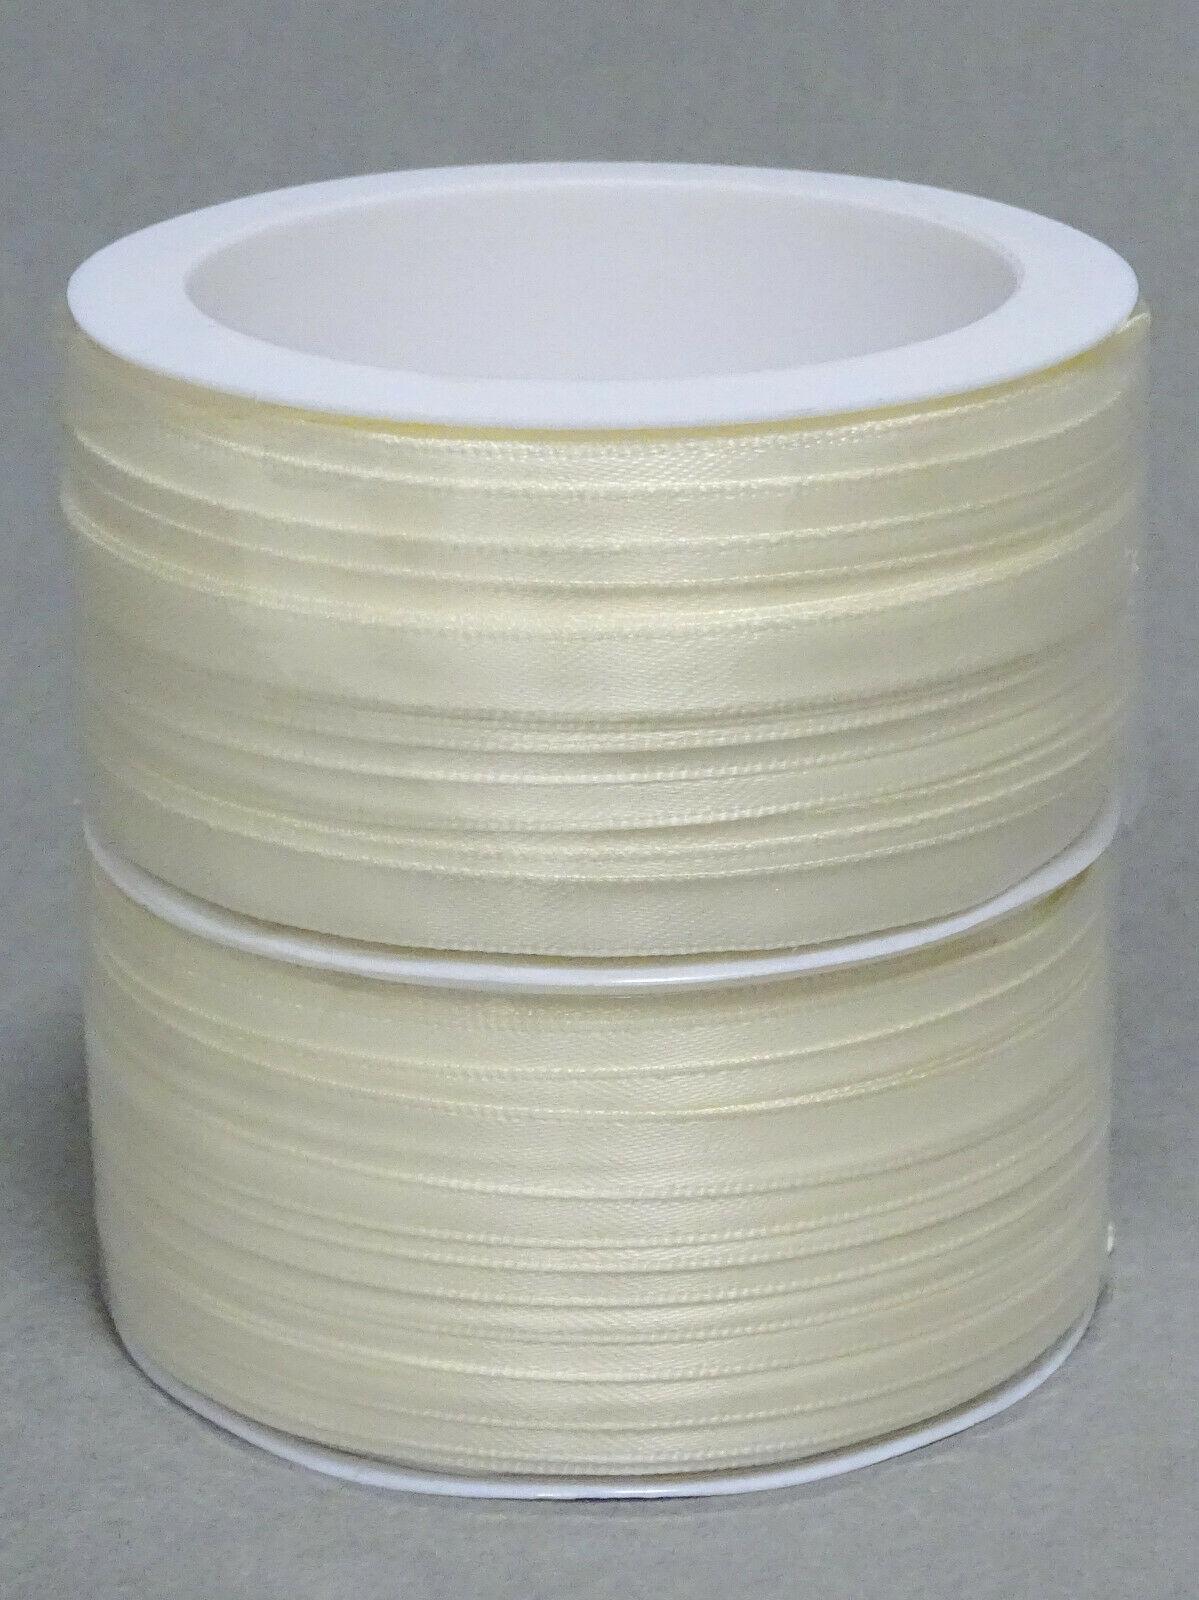 Satinband Schleifenband 50m x 3mm / 6mm Dekoband ab 0,05 €/m Geschenkband Rolle - Elfenbein 202, 6 mm x 50 m